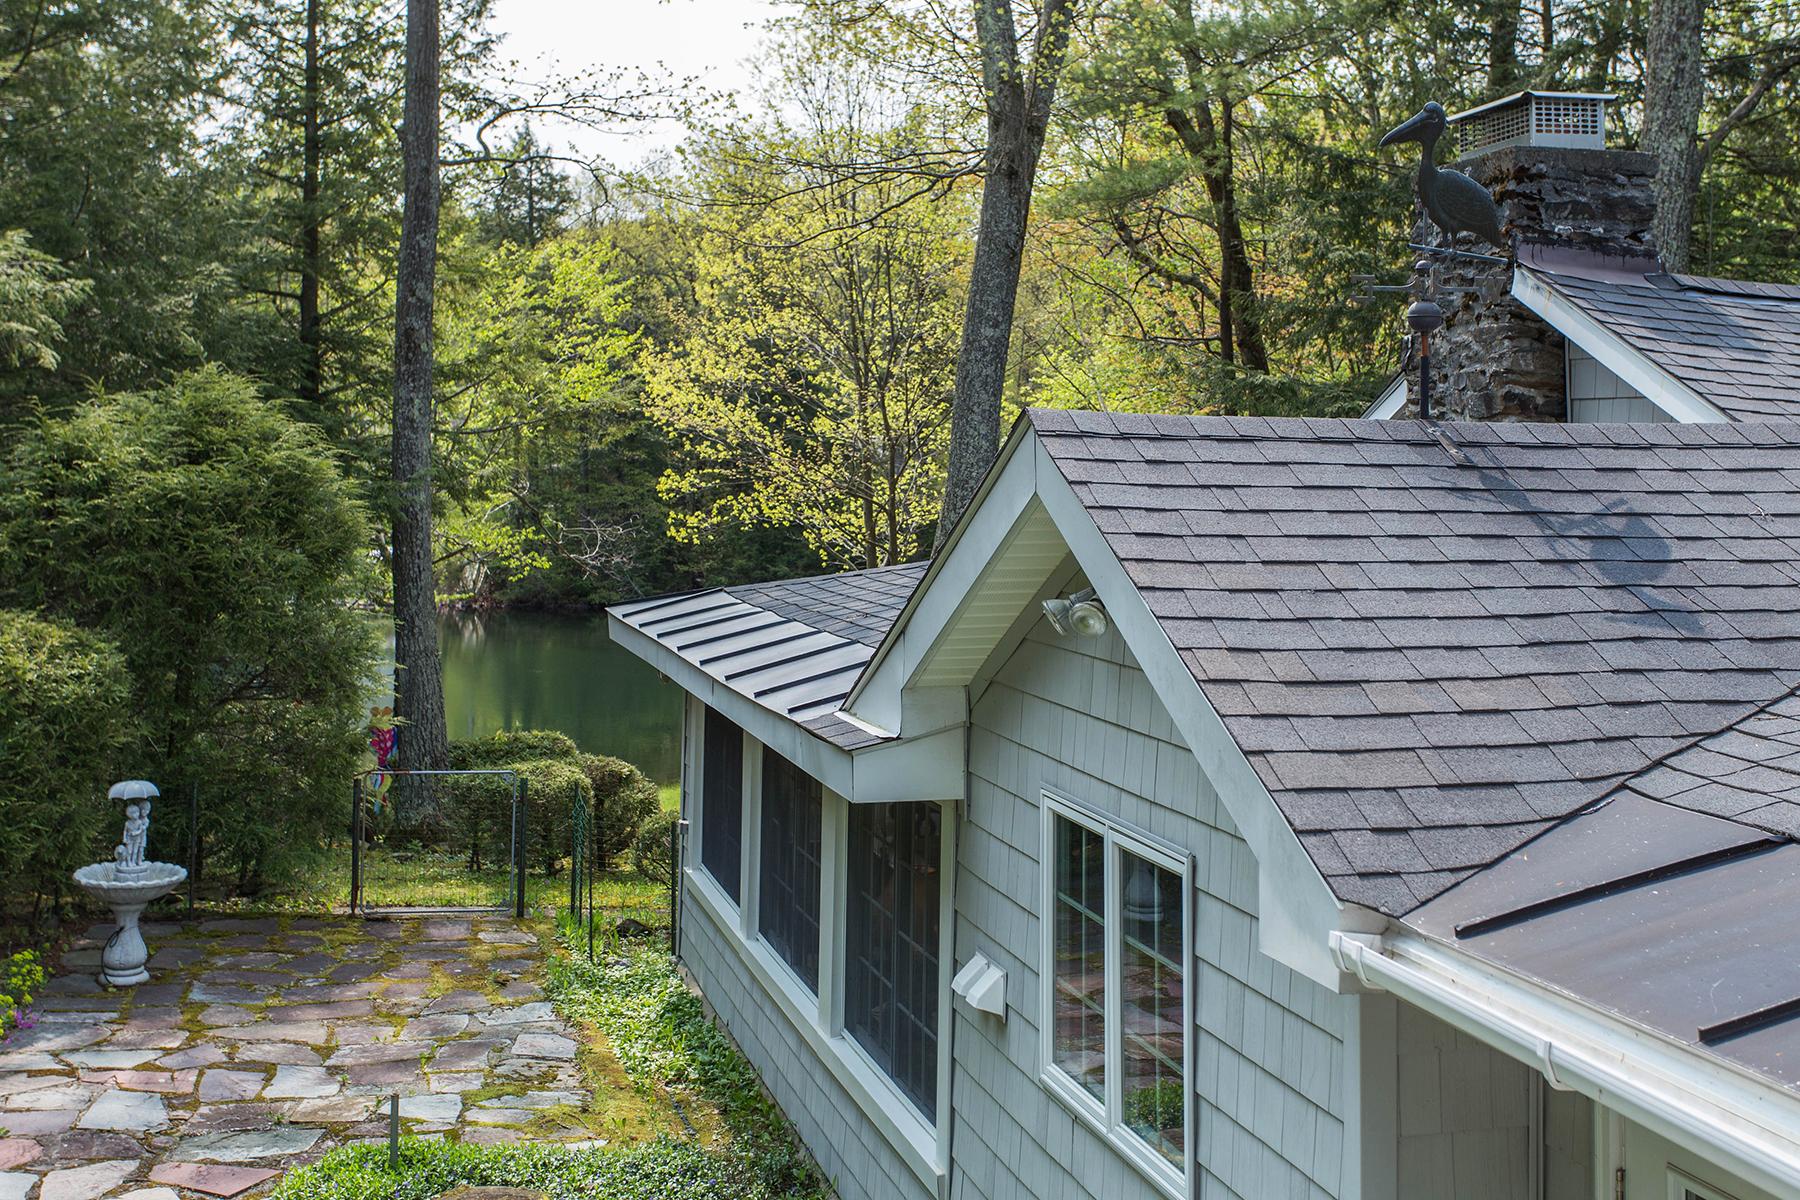 Частный односемейный дом для того Продажа на Cottage on Babcock Lake 10 North Shore Rd Petersburgh, Нью-Йорк 12138 Соединенные Штаты